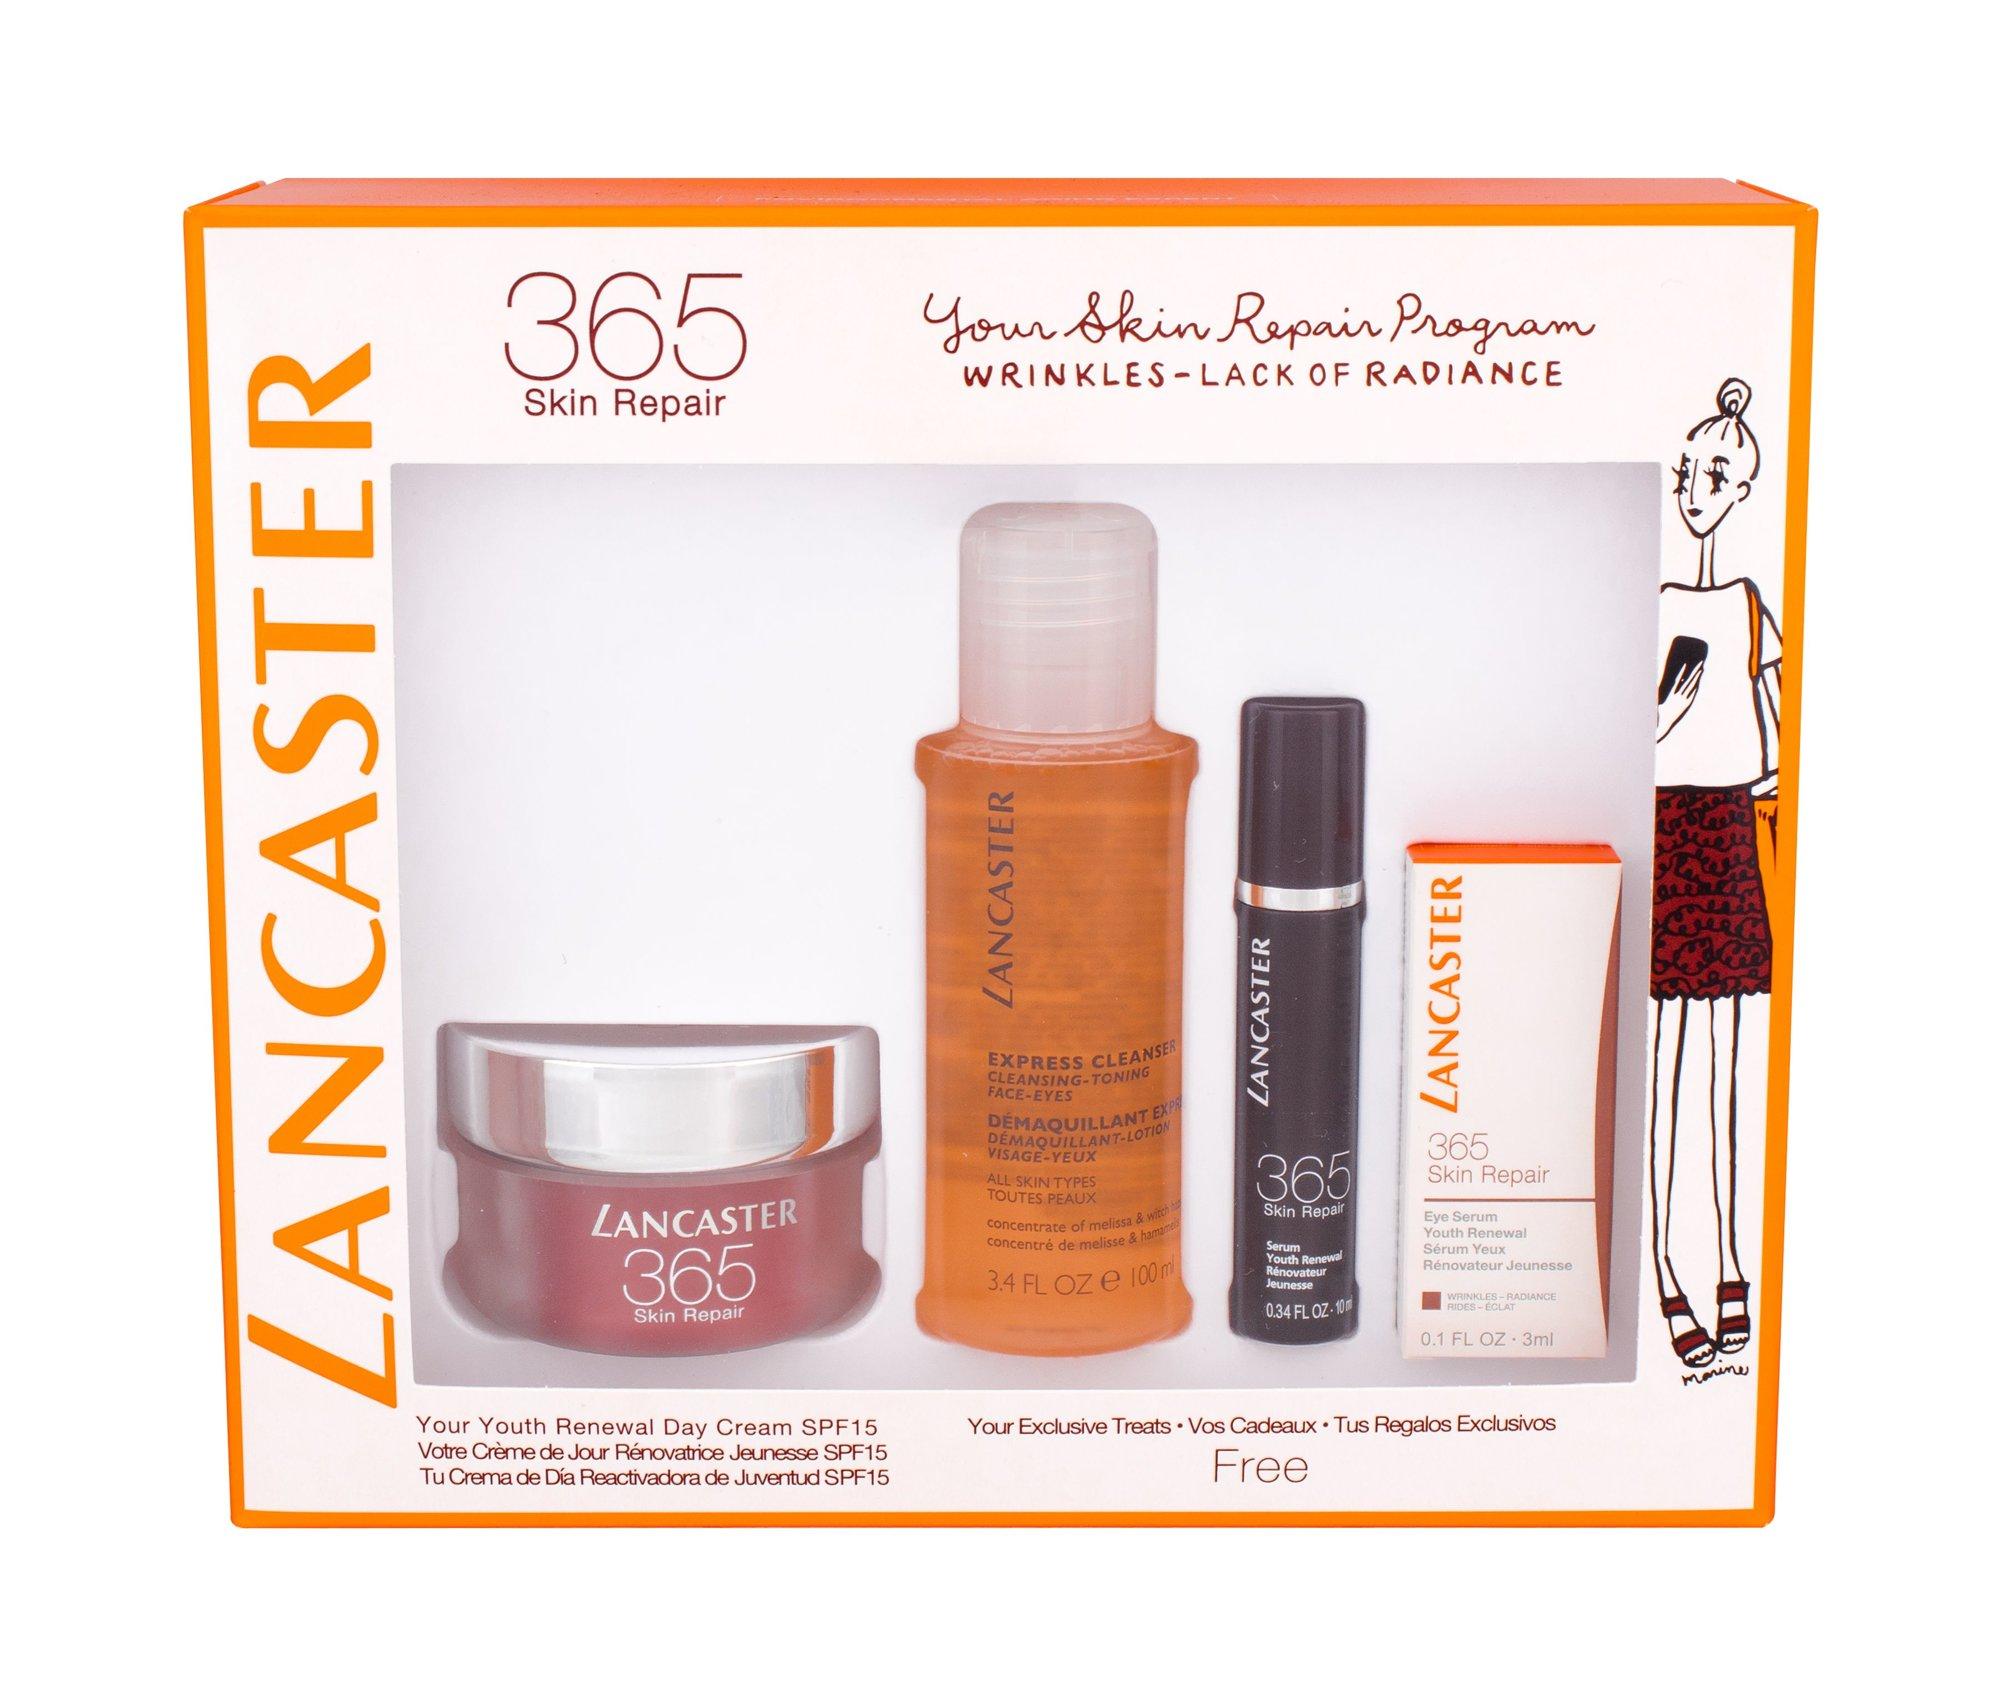 Lancaster 365 Skin Repair Cosmetic 50ml